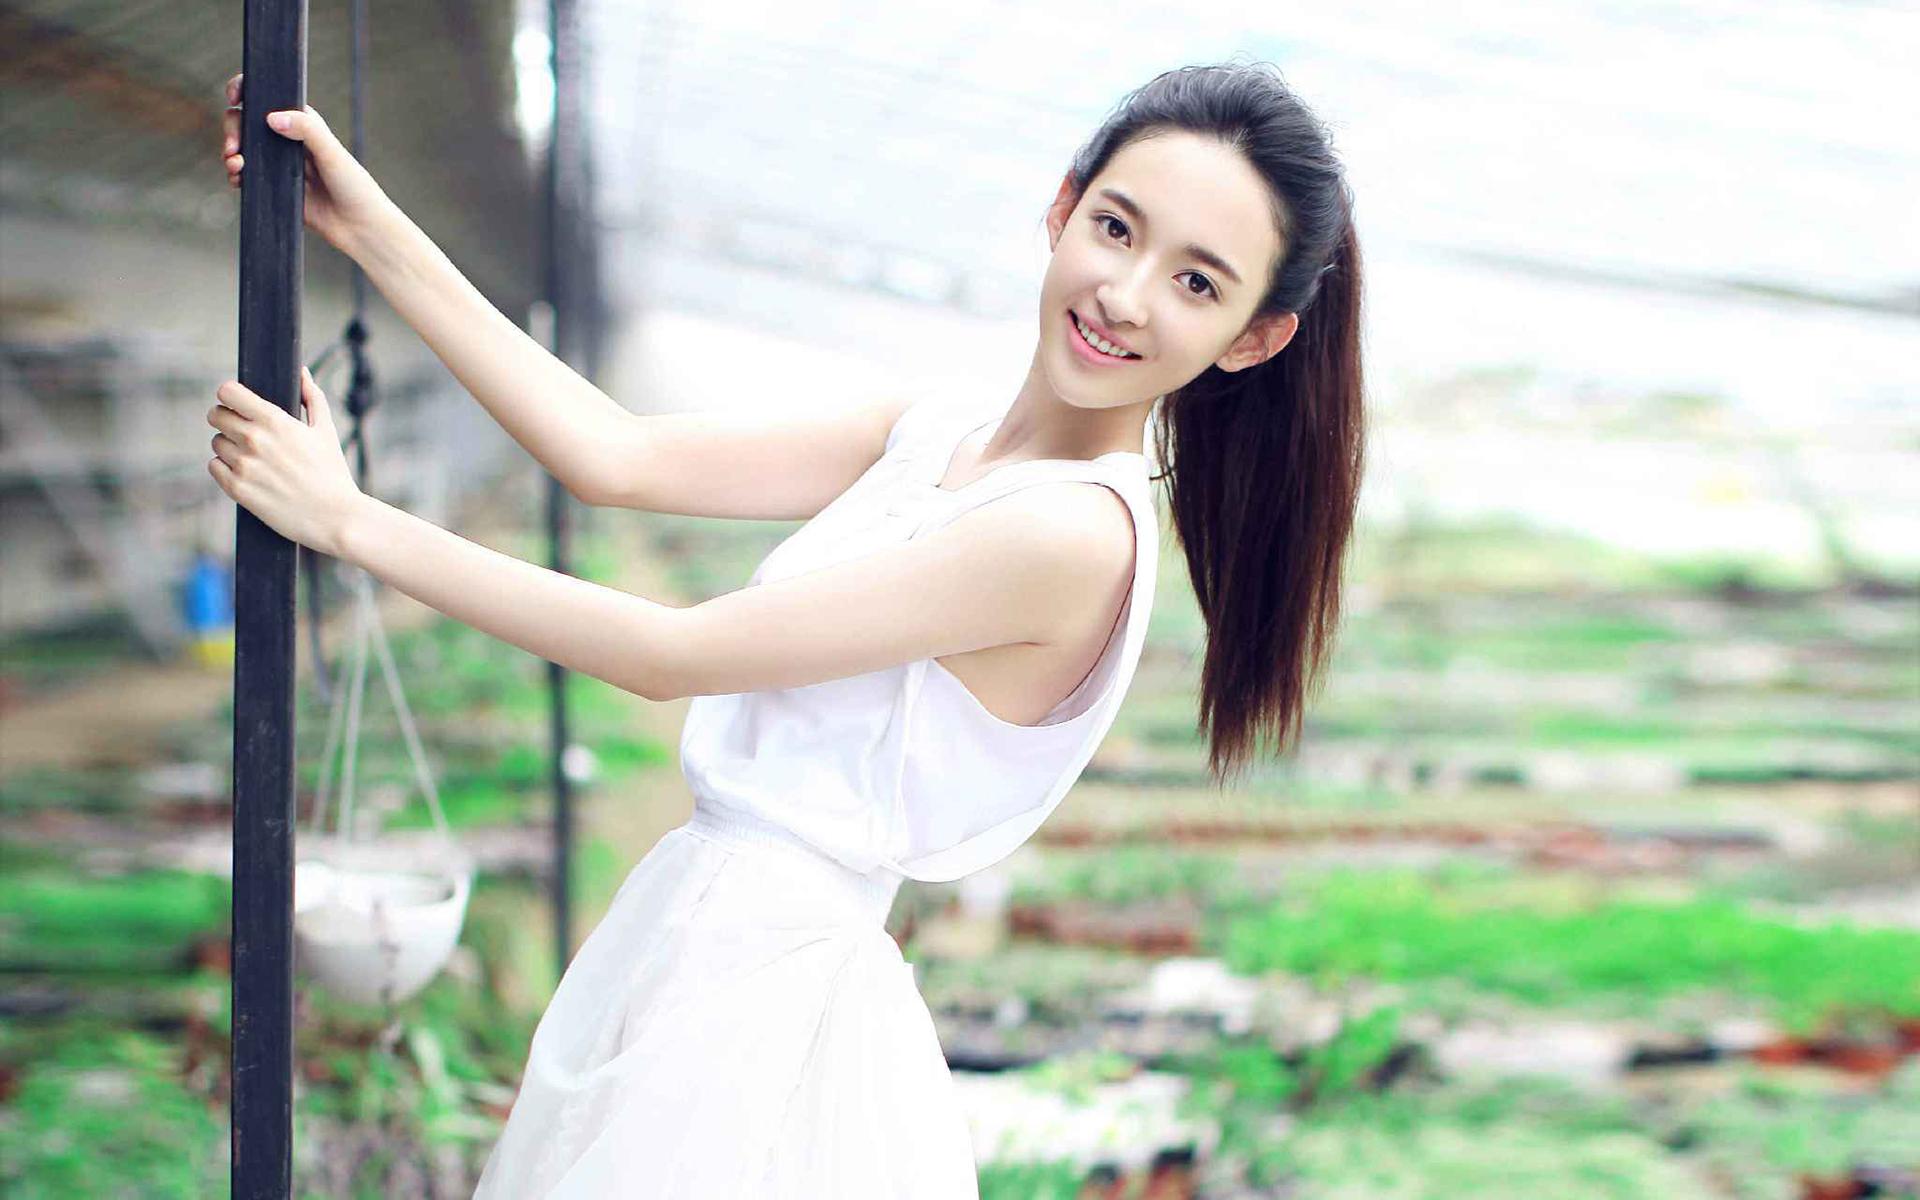 中国新歌声郭沁周深大鱼忒有料